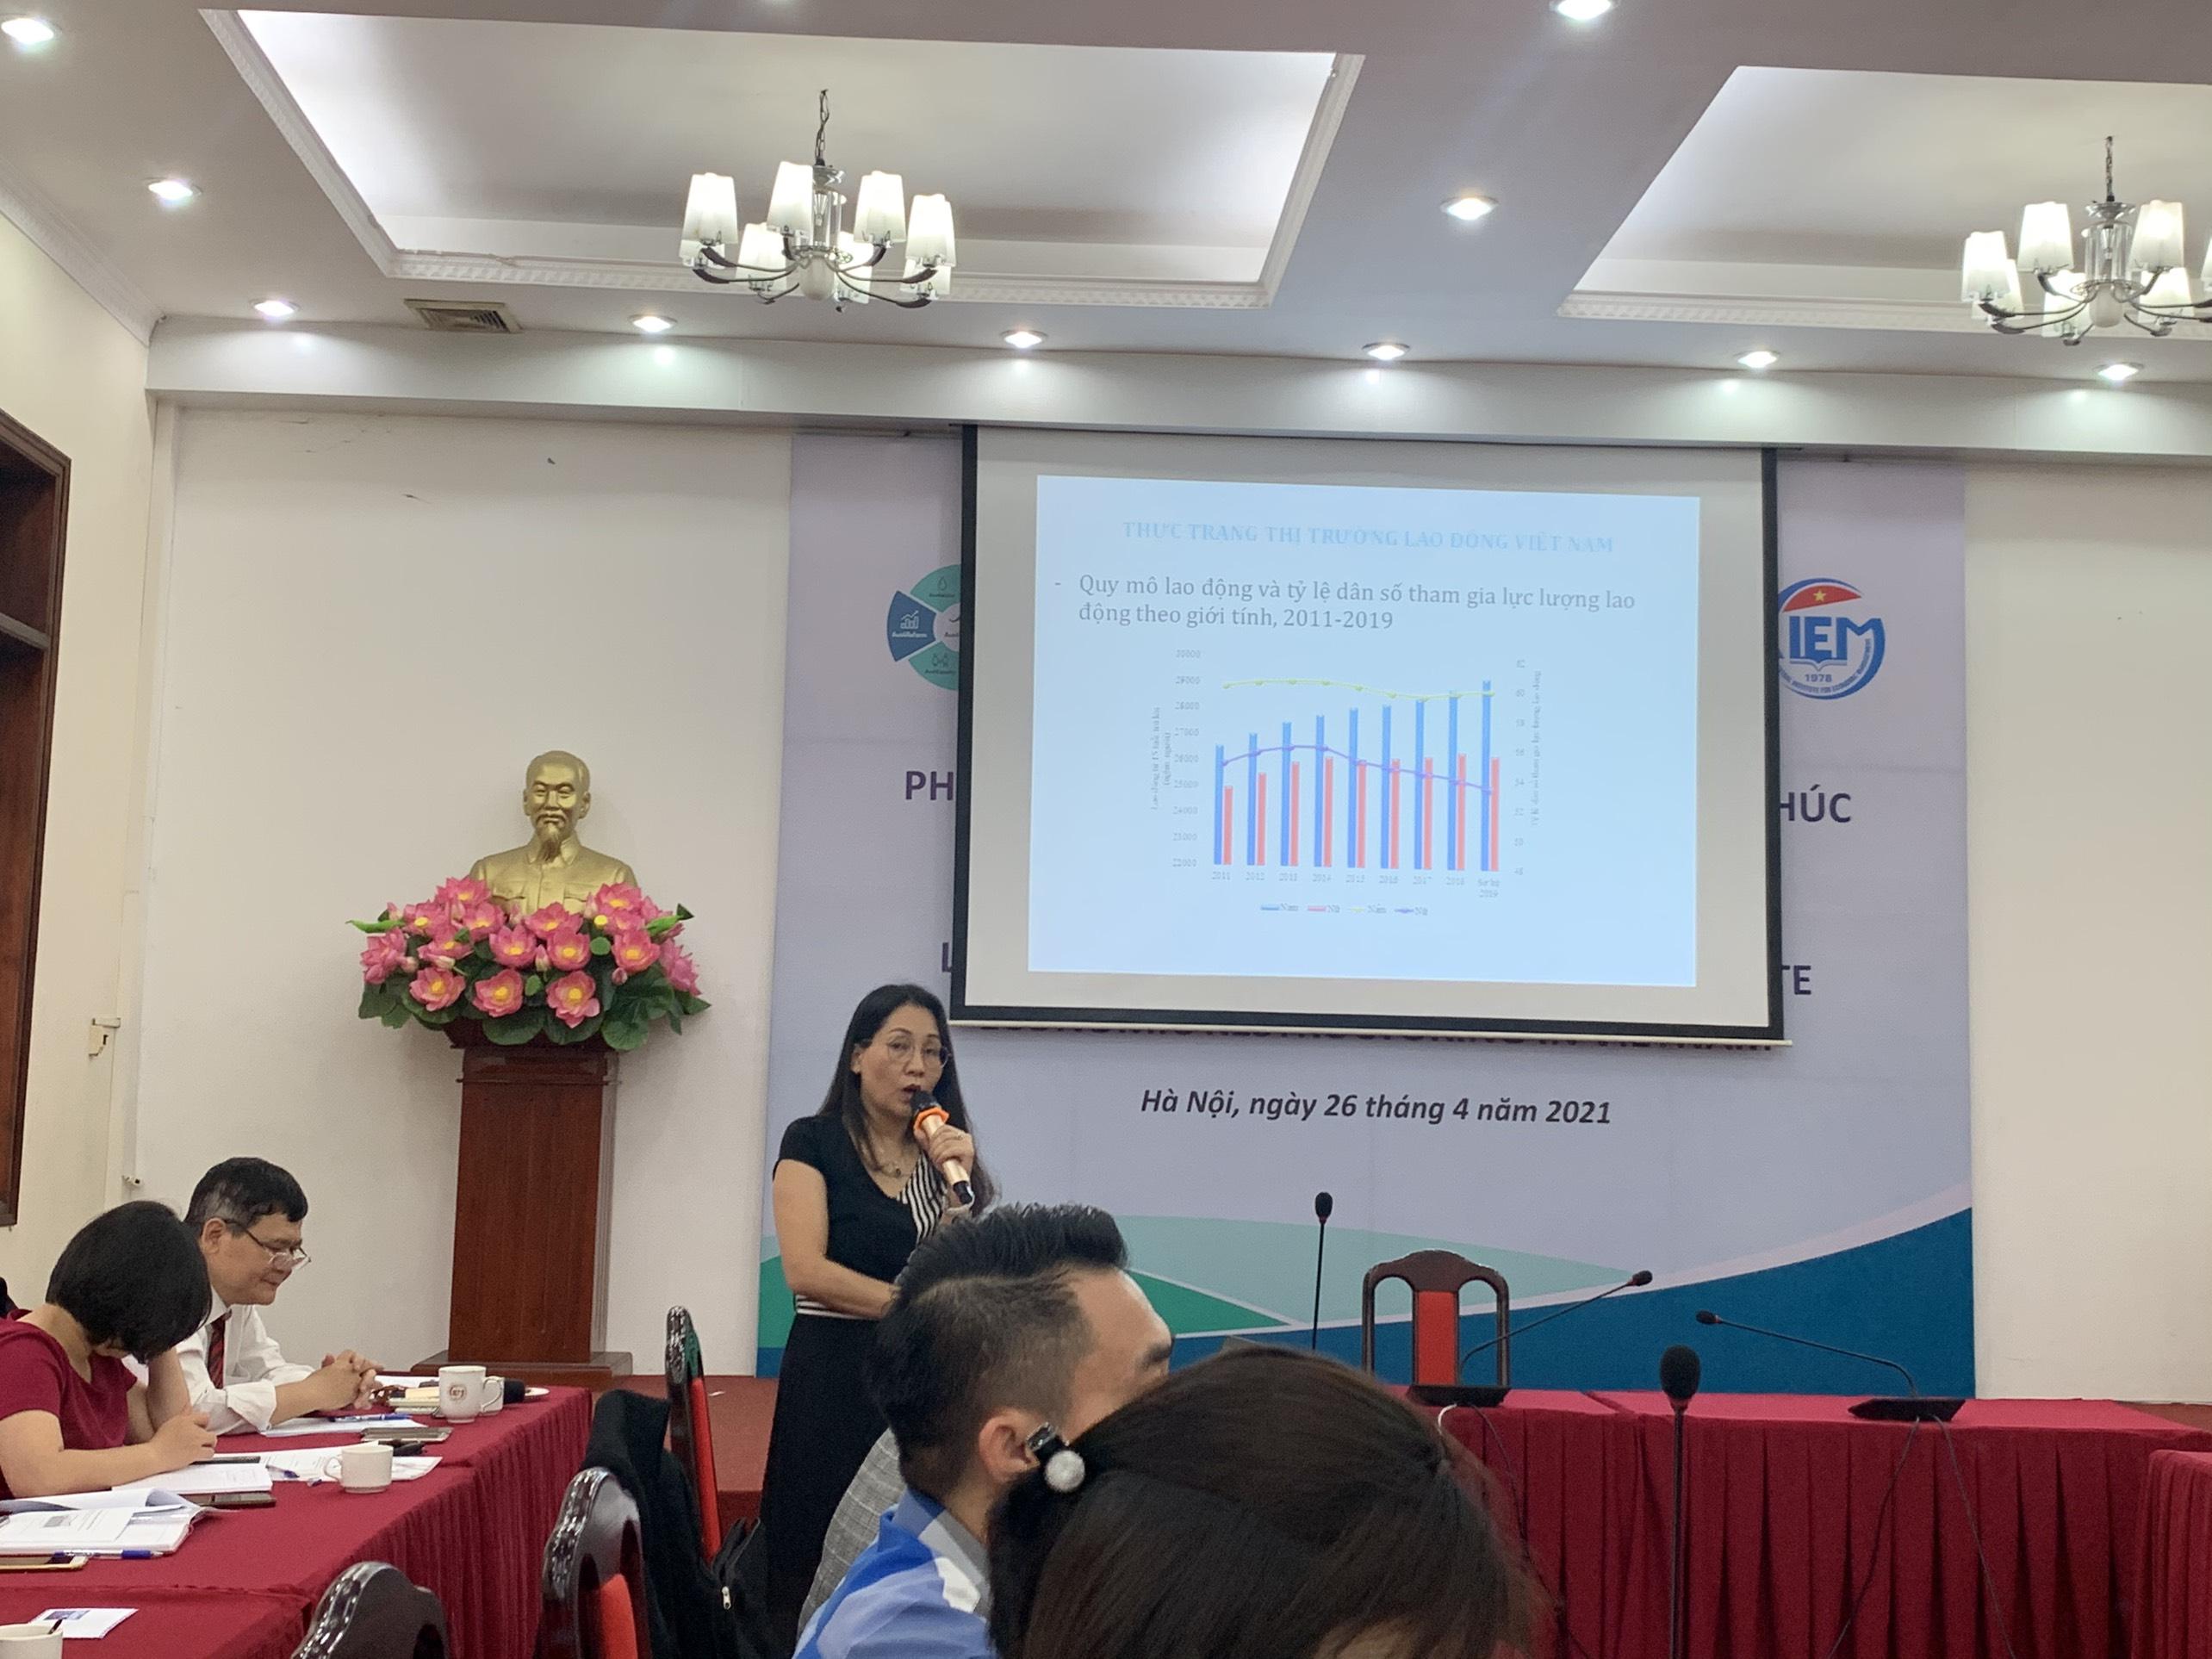 Kỹ năng lao động của Việt Nam kém rất xa so với nhóm ASEAN-4